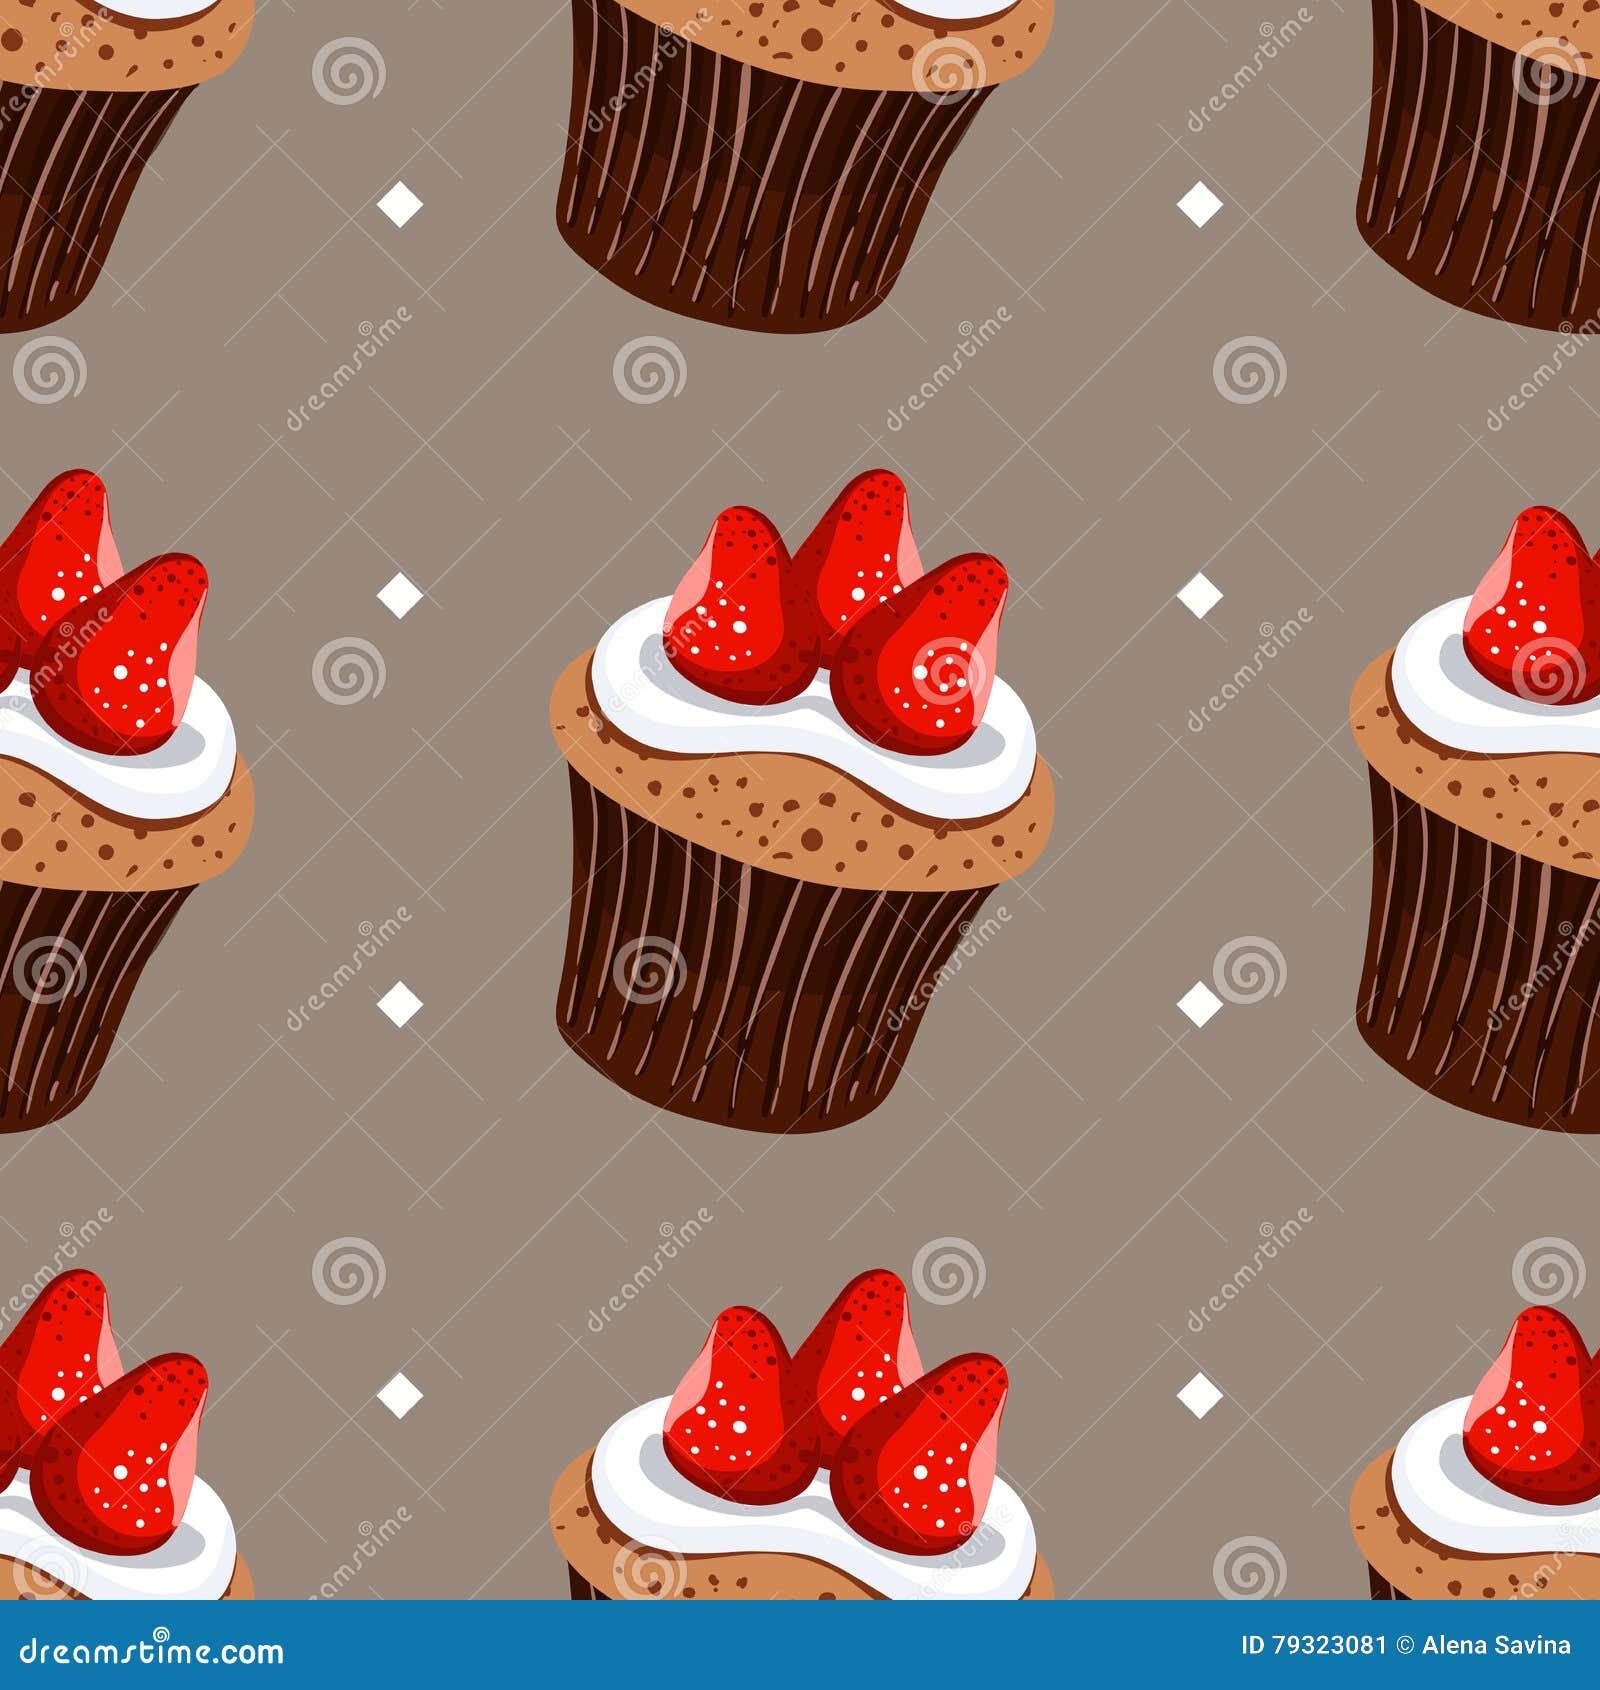 nahtlose muster erdbeerkleine kuchen - Kuchen Muster